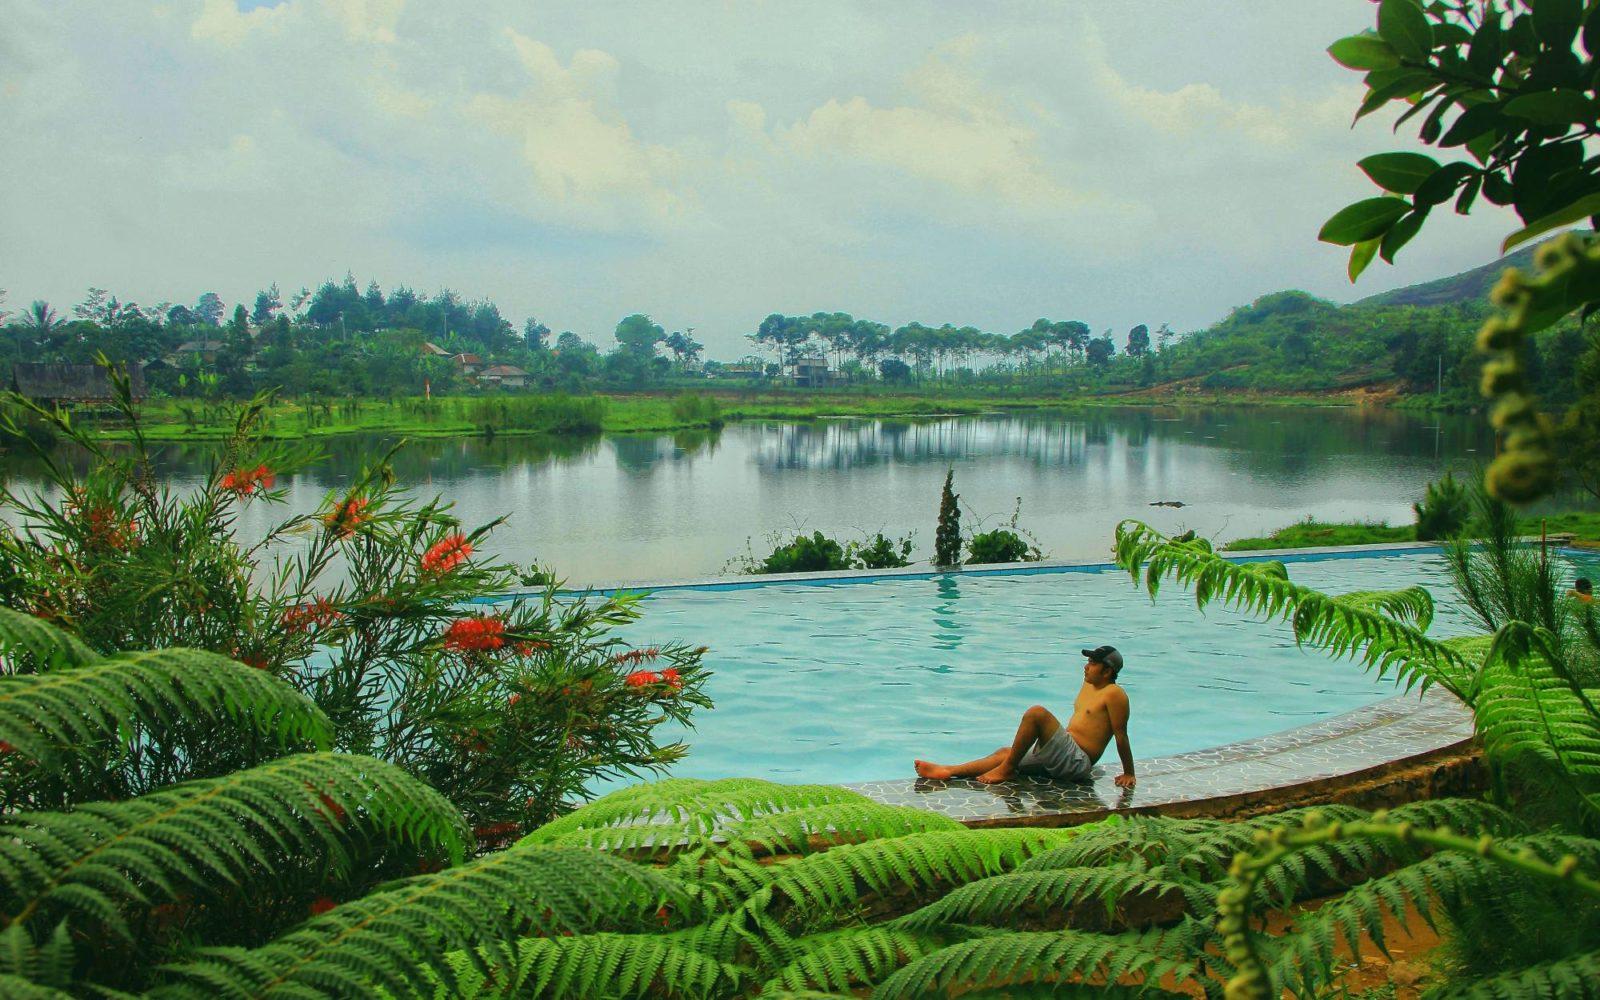 Wisata Danau Situ Rawa Gede Bogor April 2021 Travelspromo